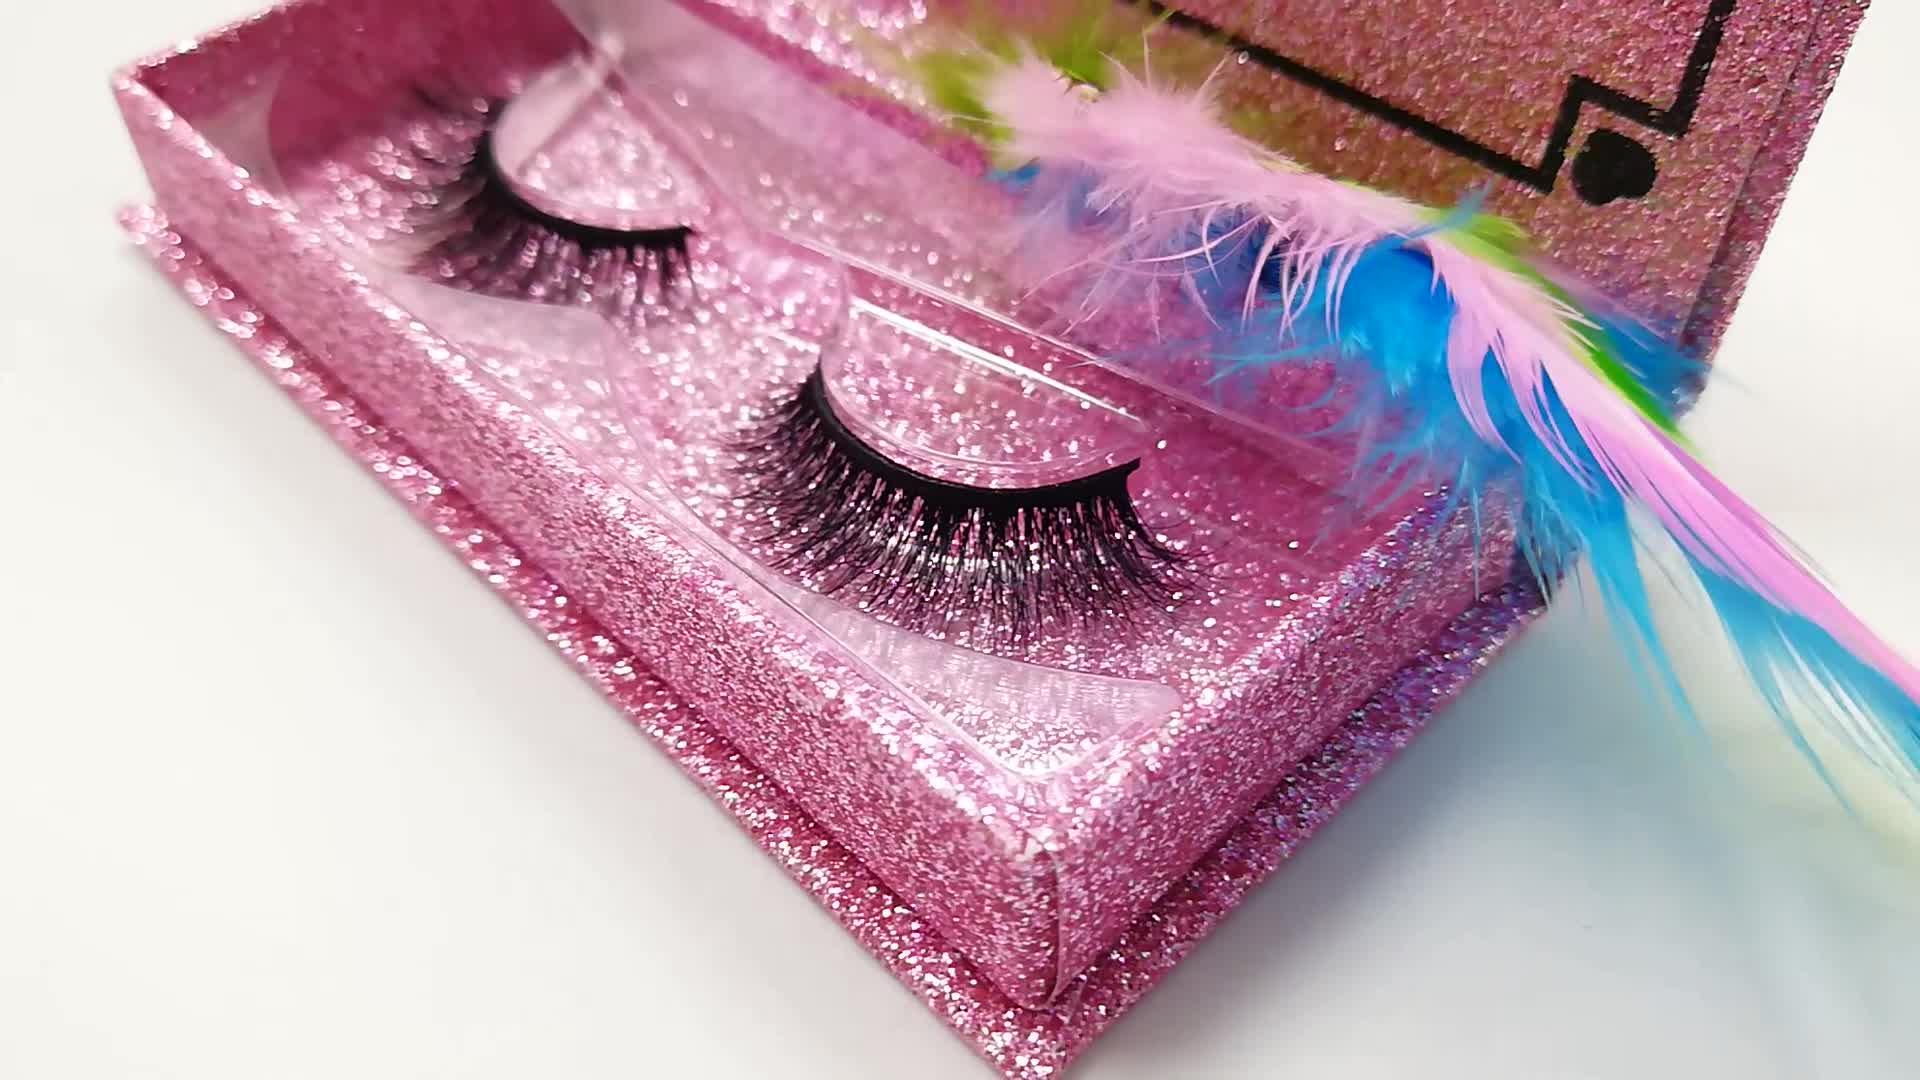 Commercio all'ingrosso private label mink lashes bella ciglia con oro rosa marmorizzazione personalizzato ciglia imballaggio